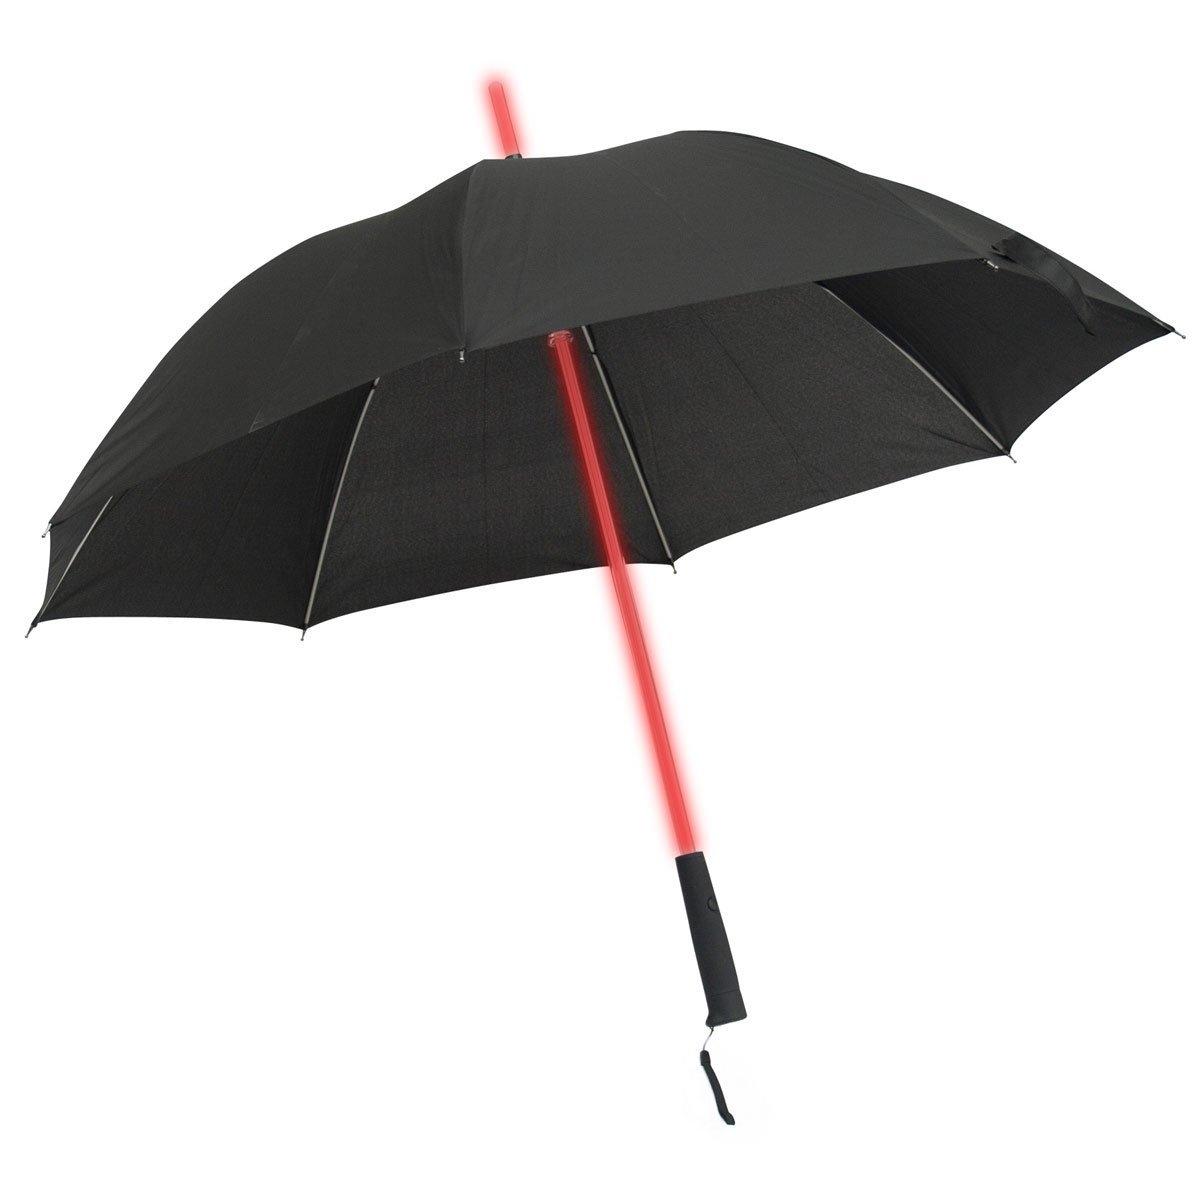 Paraplu met LED verlichting en zaklamp voor slechts € 49,95